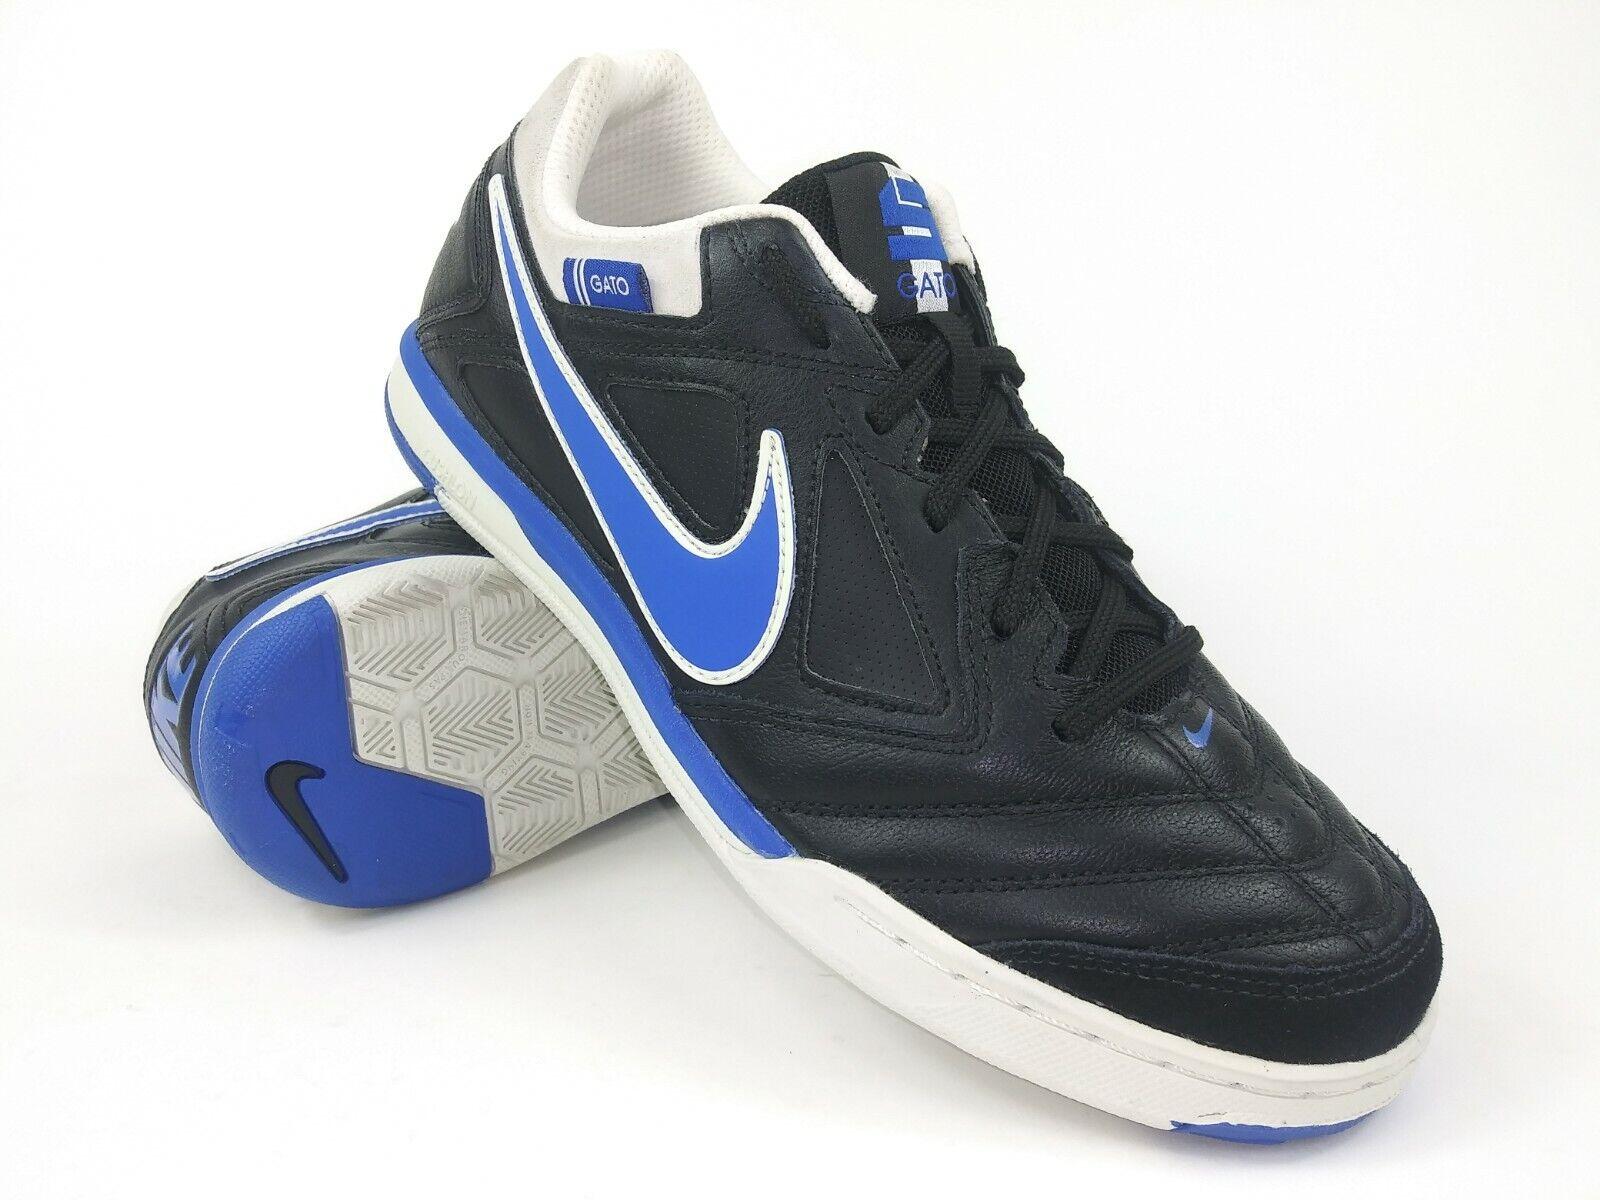 Nike Hombre Raro Nike 5 Gato Ltr 415123-041 Negro Azul Calzado de Fútbol Indoor Talla 7